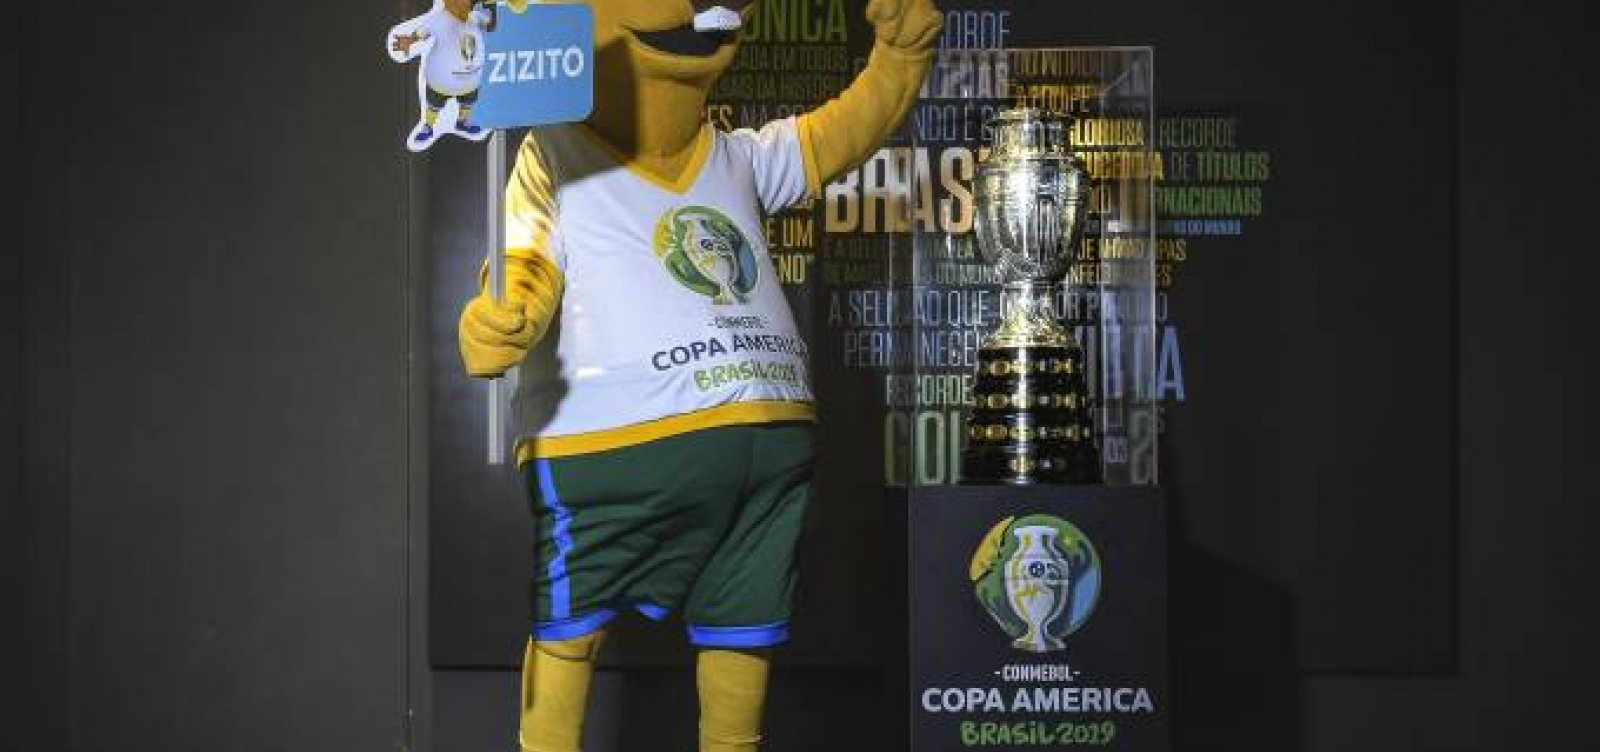 Copa América: Público escolhe 'Zizito' para nome de mascote